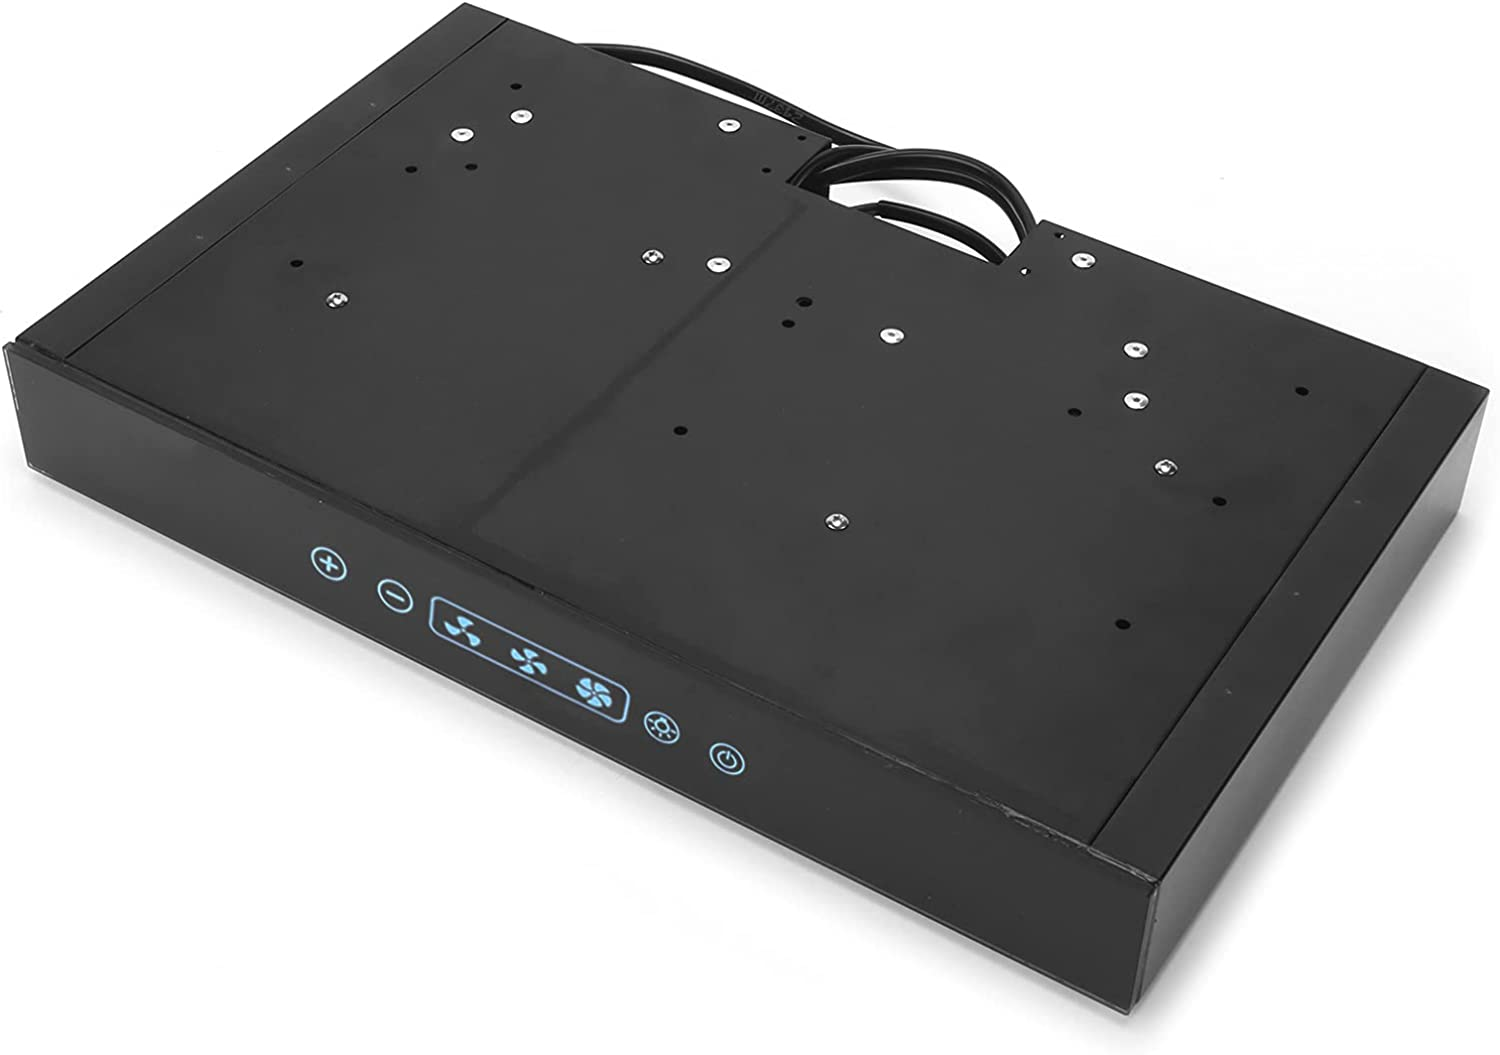 Dpofirs Ventilación sin ductos de la Gama de la Campana extractora de Cocina de 12V, con la luz LED de la Pantalla táctil para la Cocina de la Caravana de RV